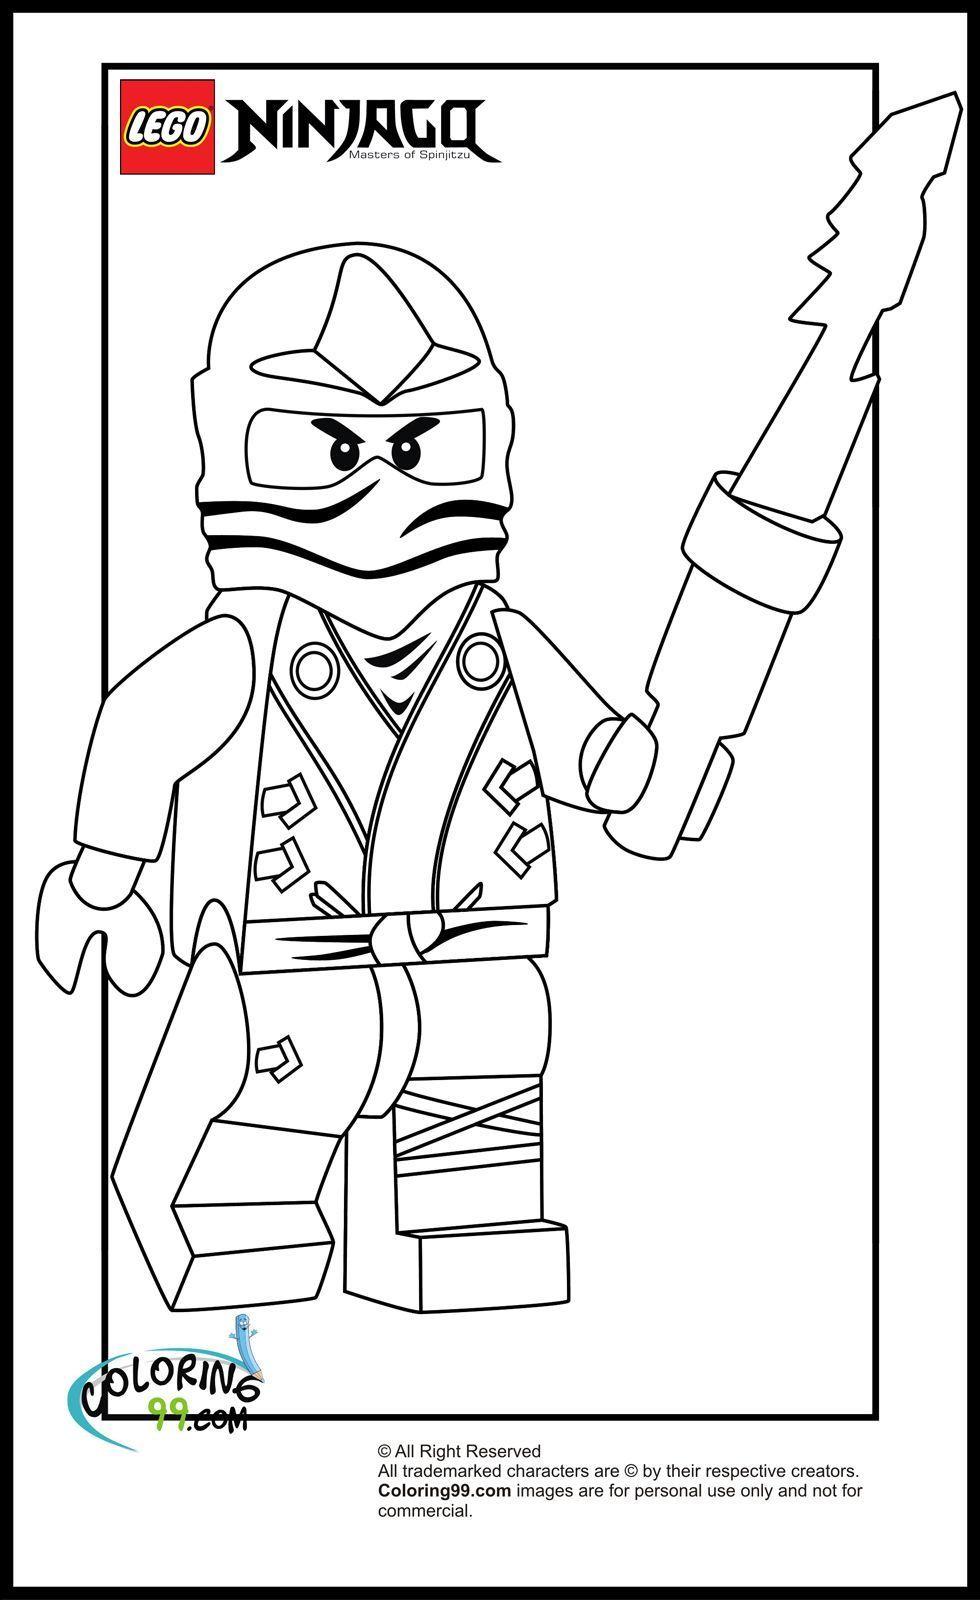 Ausmalbilder von Lego Ninjago Superhelden malvorlagen